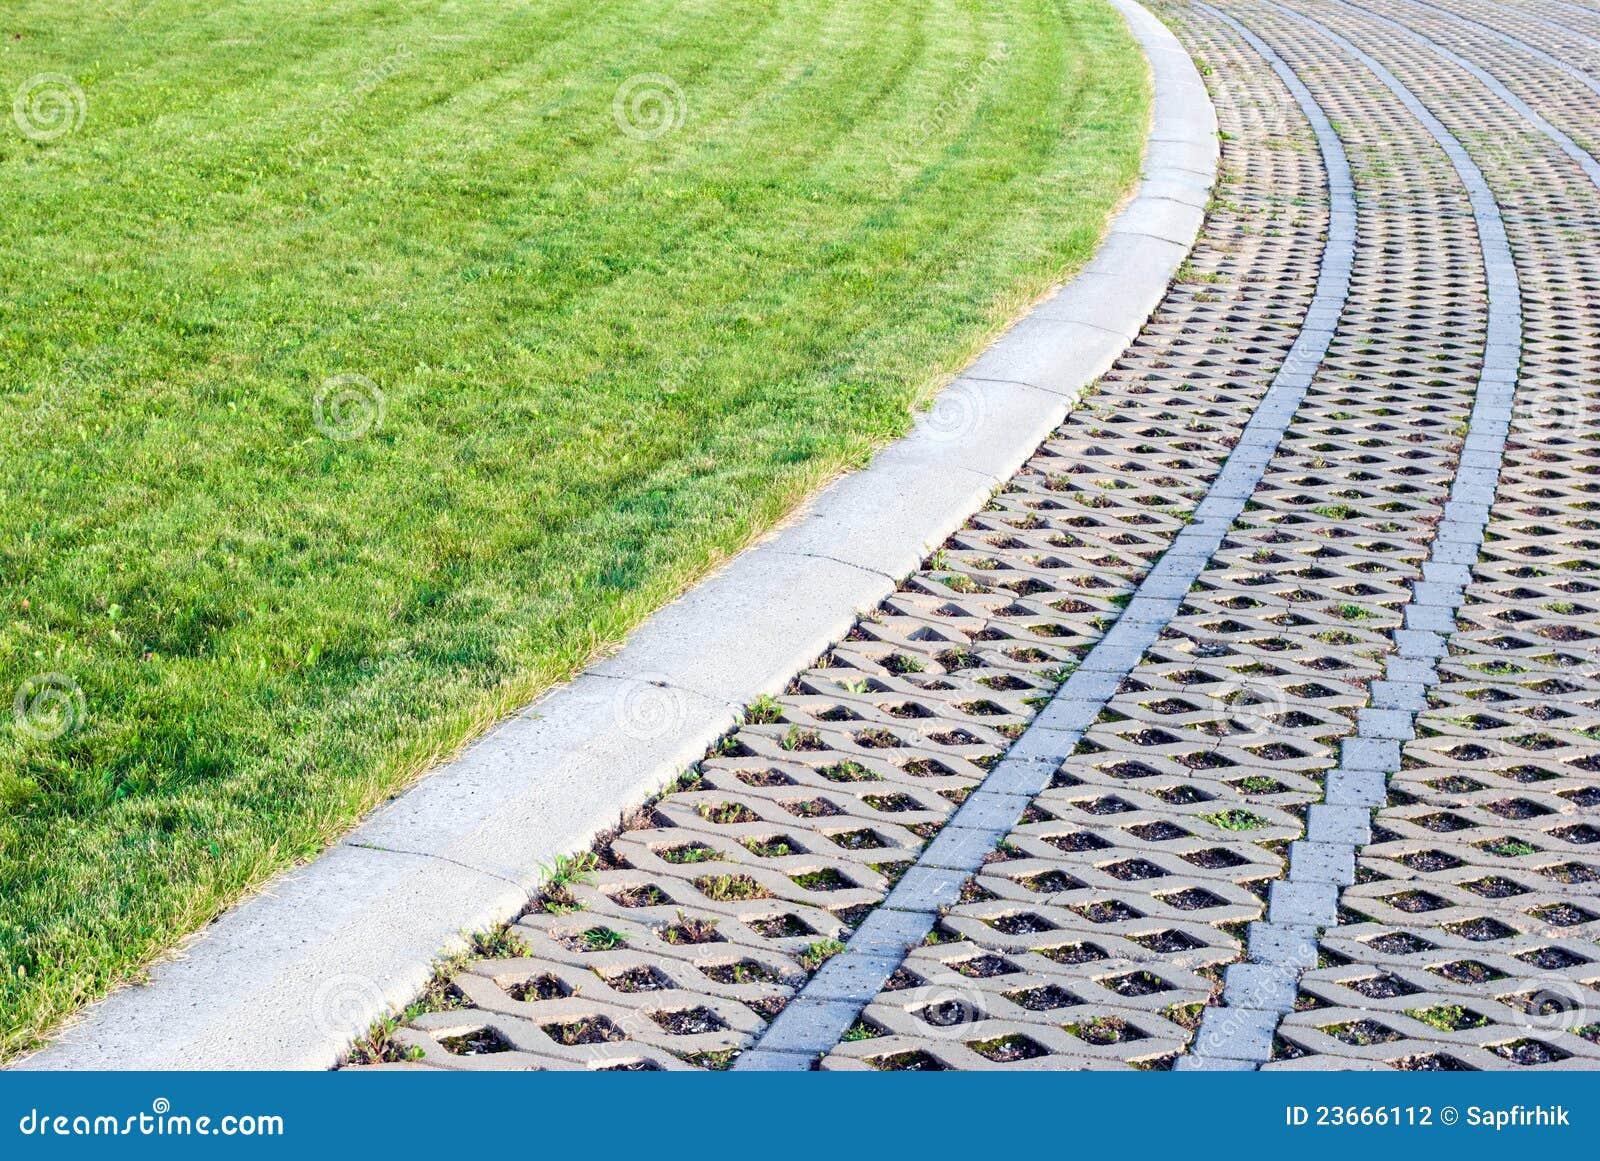 groen gazon met kiezelstenen en tegels stock foto afbeelding 23666112